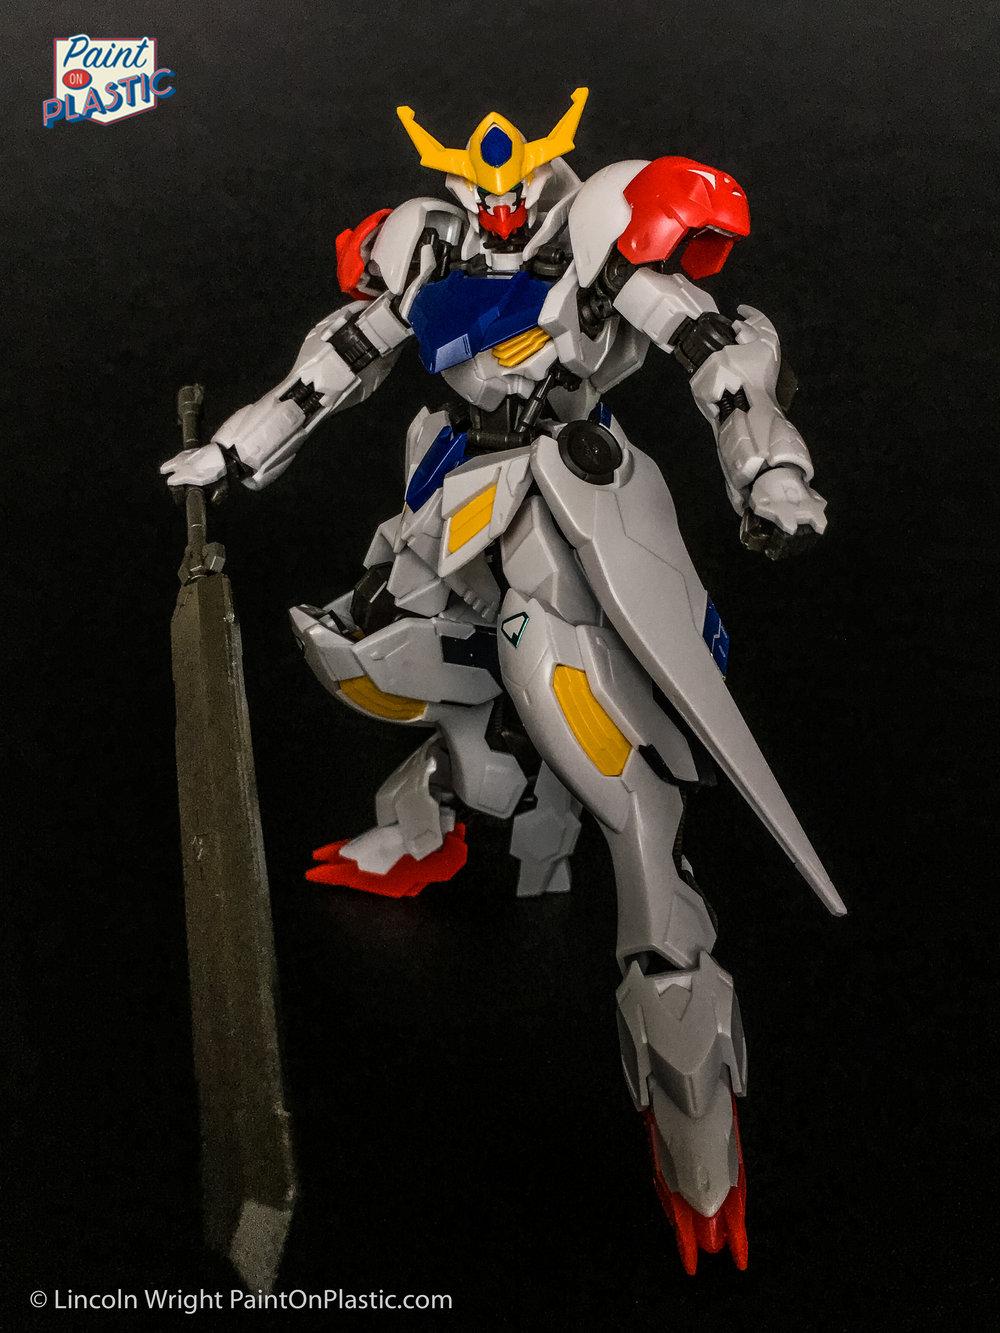 Gundam Barbados Lupus PaintOnPlastic-10.jpg